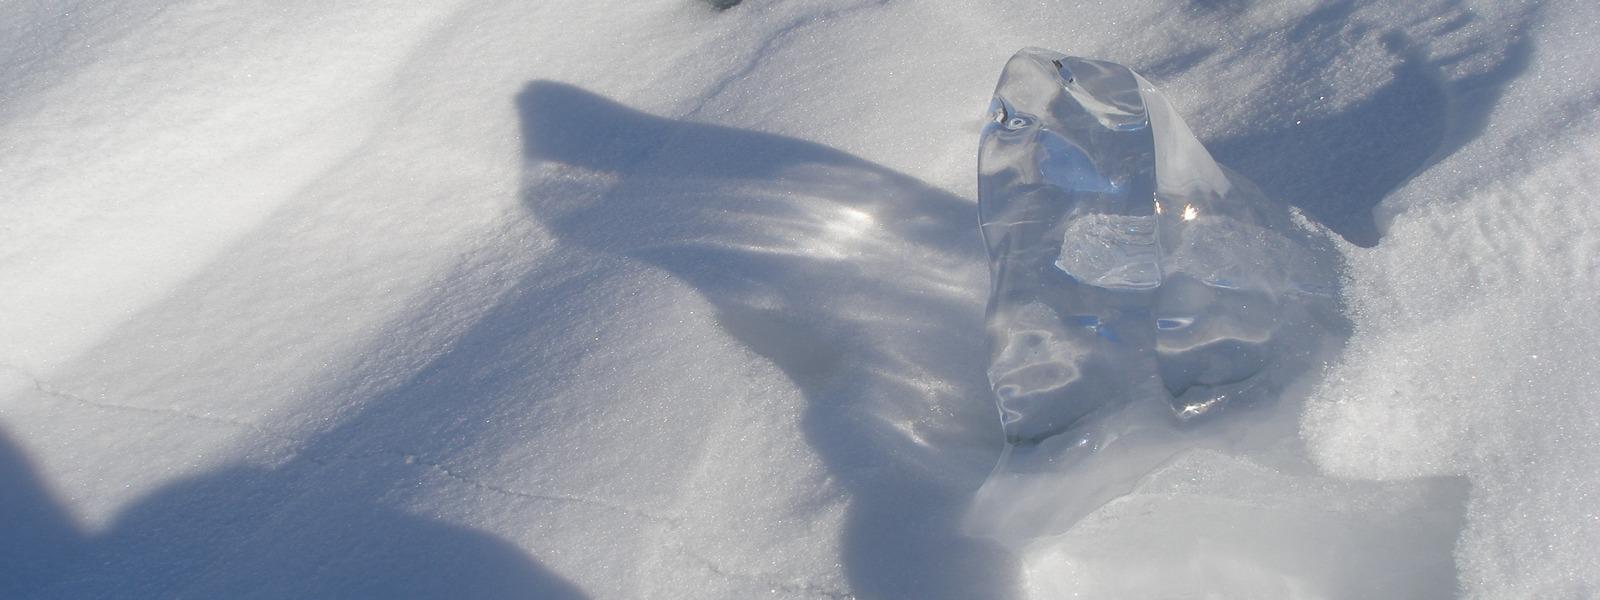 Байкал. Пешком в одиночку по льду